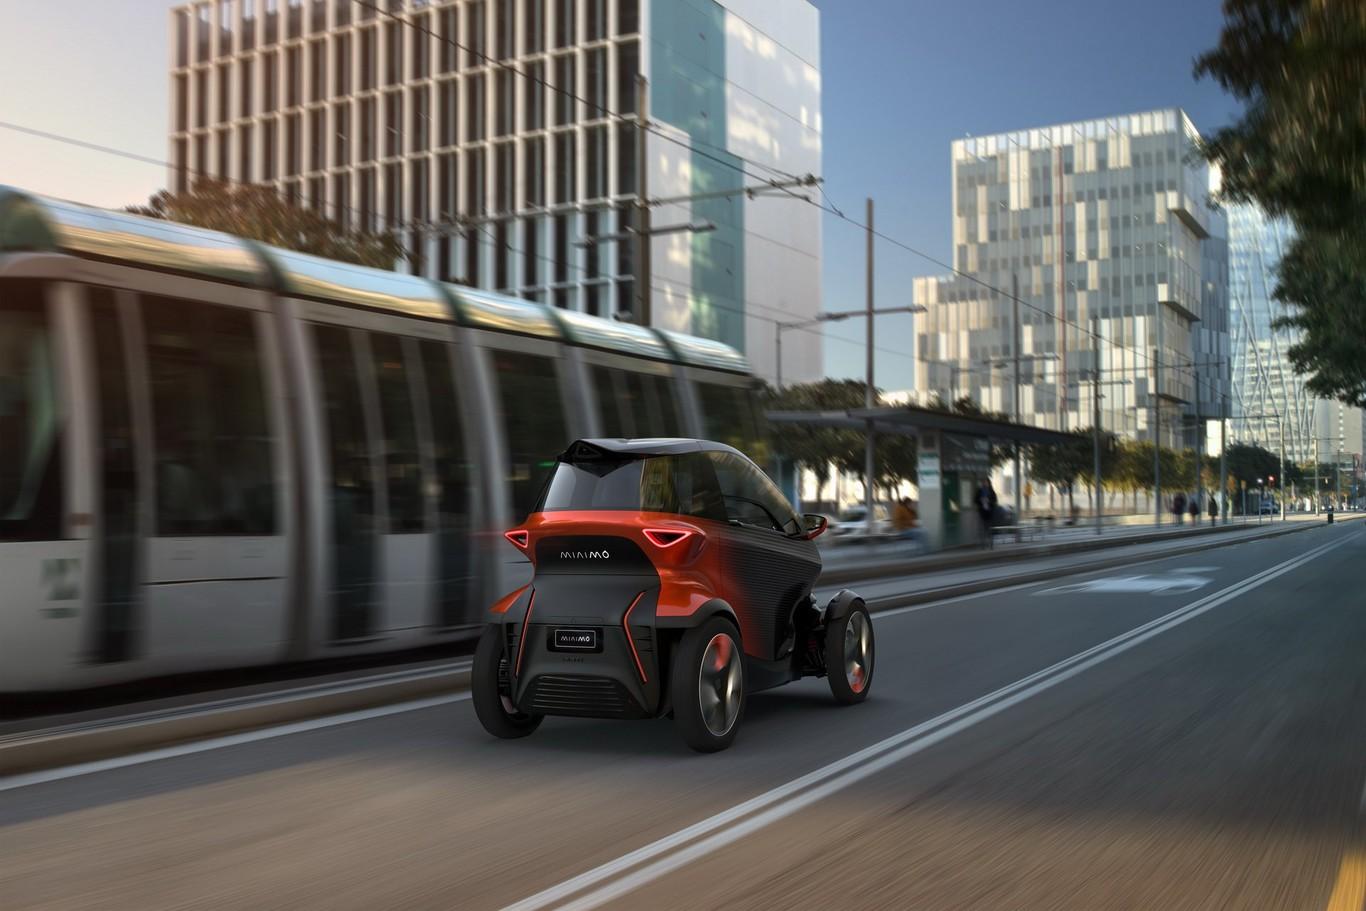 El SEAT Minimó es un vehículo que se ajusta de manera adecuada a los espacios urbanos